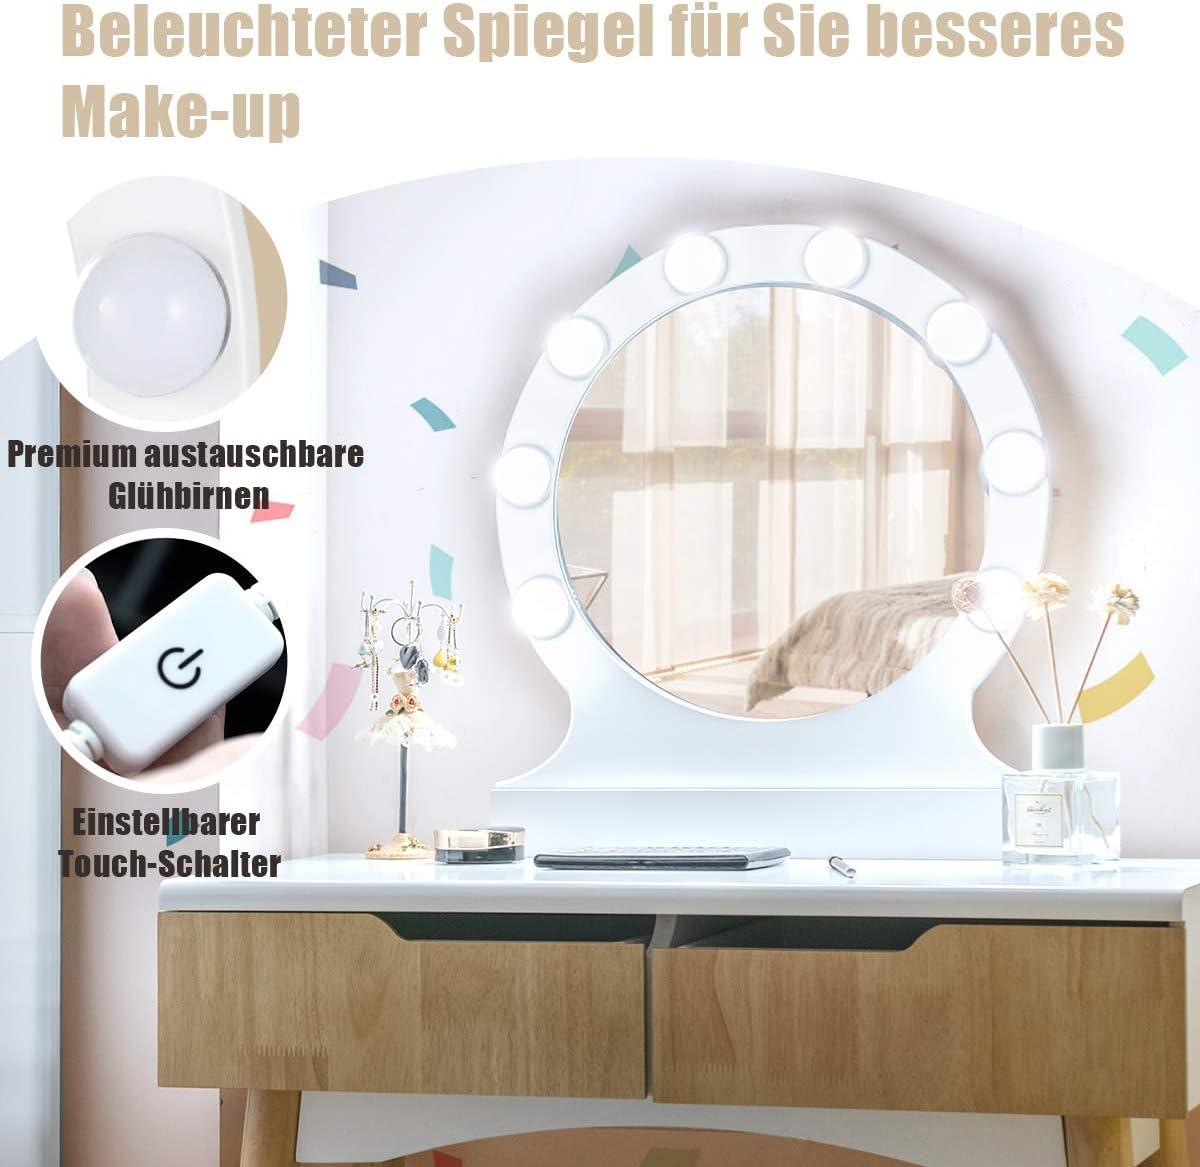 Natur Schminkkommode mit 2 Schubladen Frisierkommode Frisiertisch Holz Make-up Tisch COSTWAY Schminktisch mit LED Beleuchtung Kosmetiktisch mit beleuchtetem Spiegel und Hocker